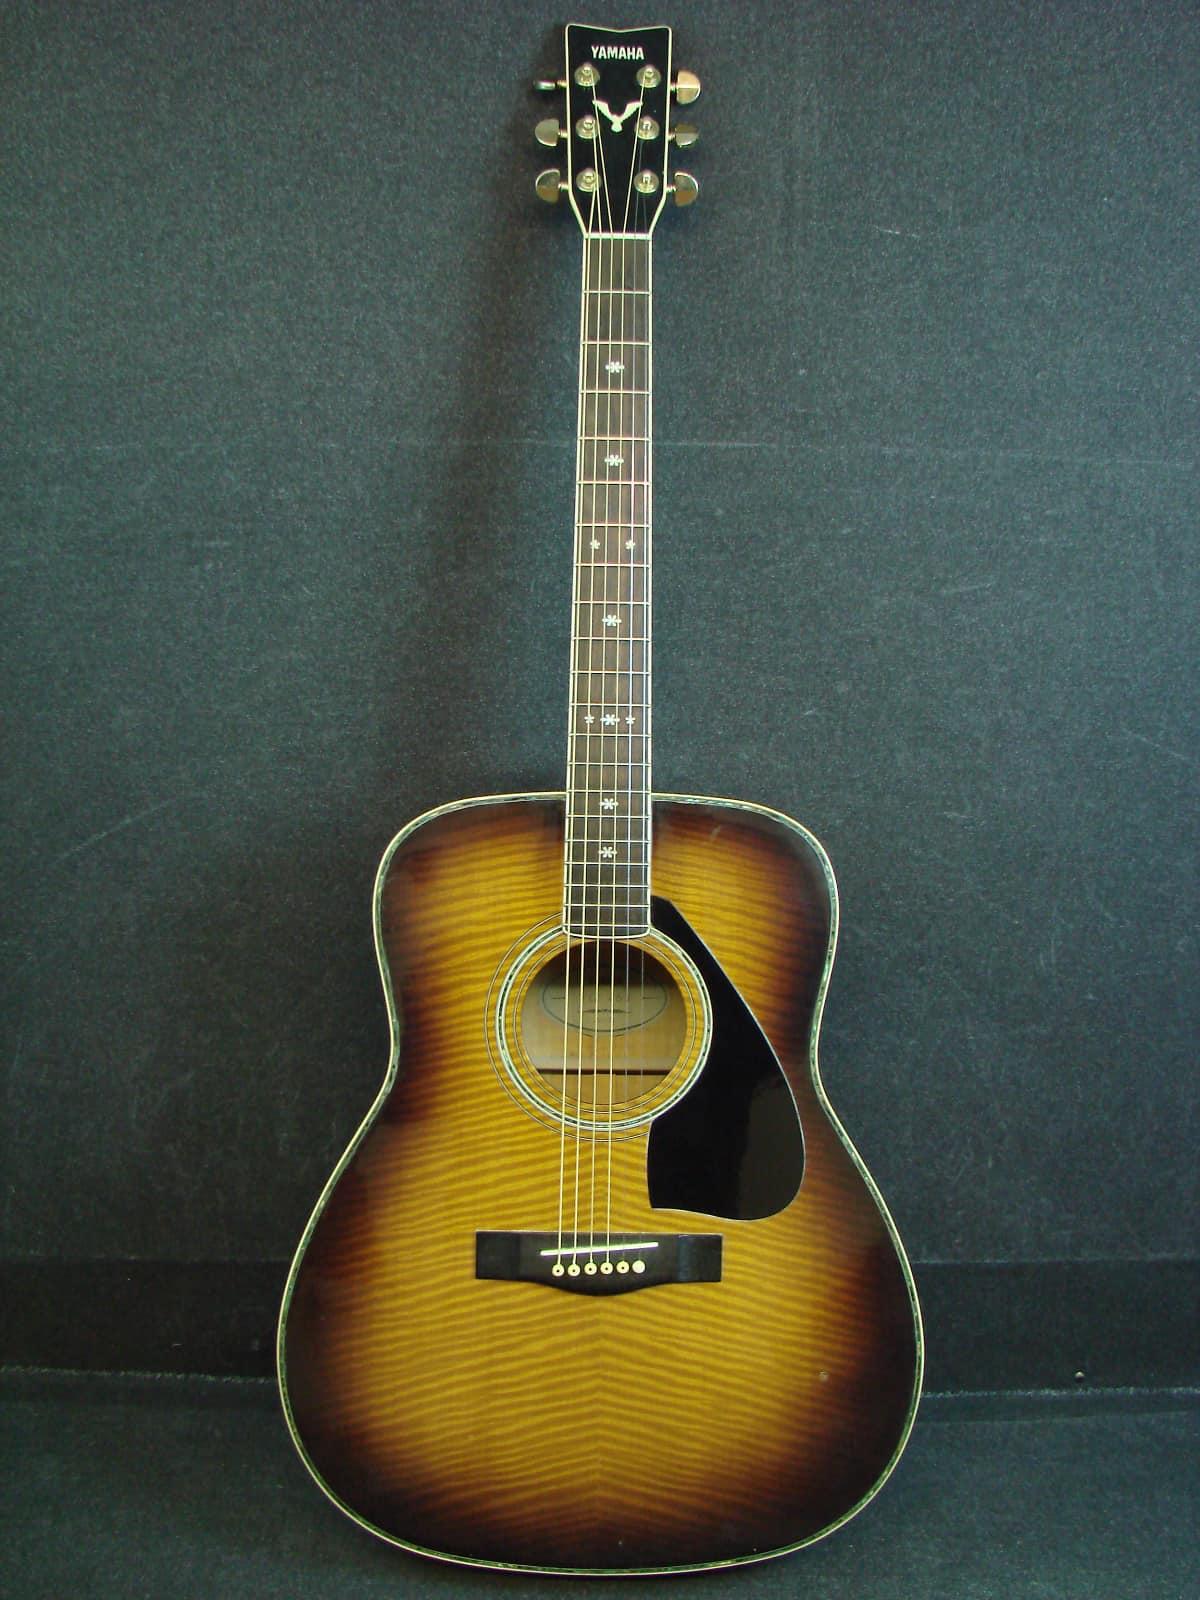 Yamaha Acoustic Guitar Nut Width